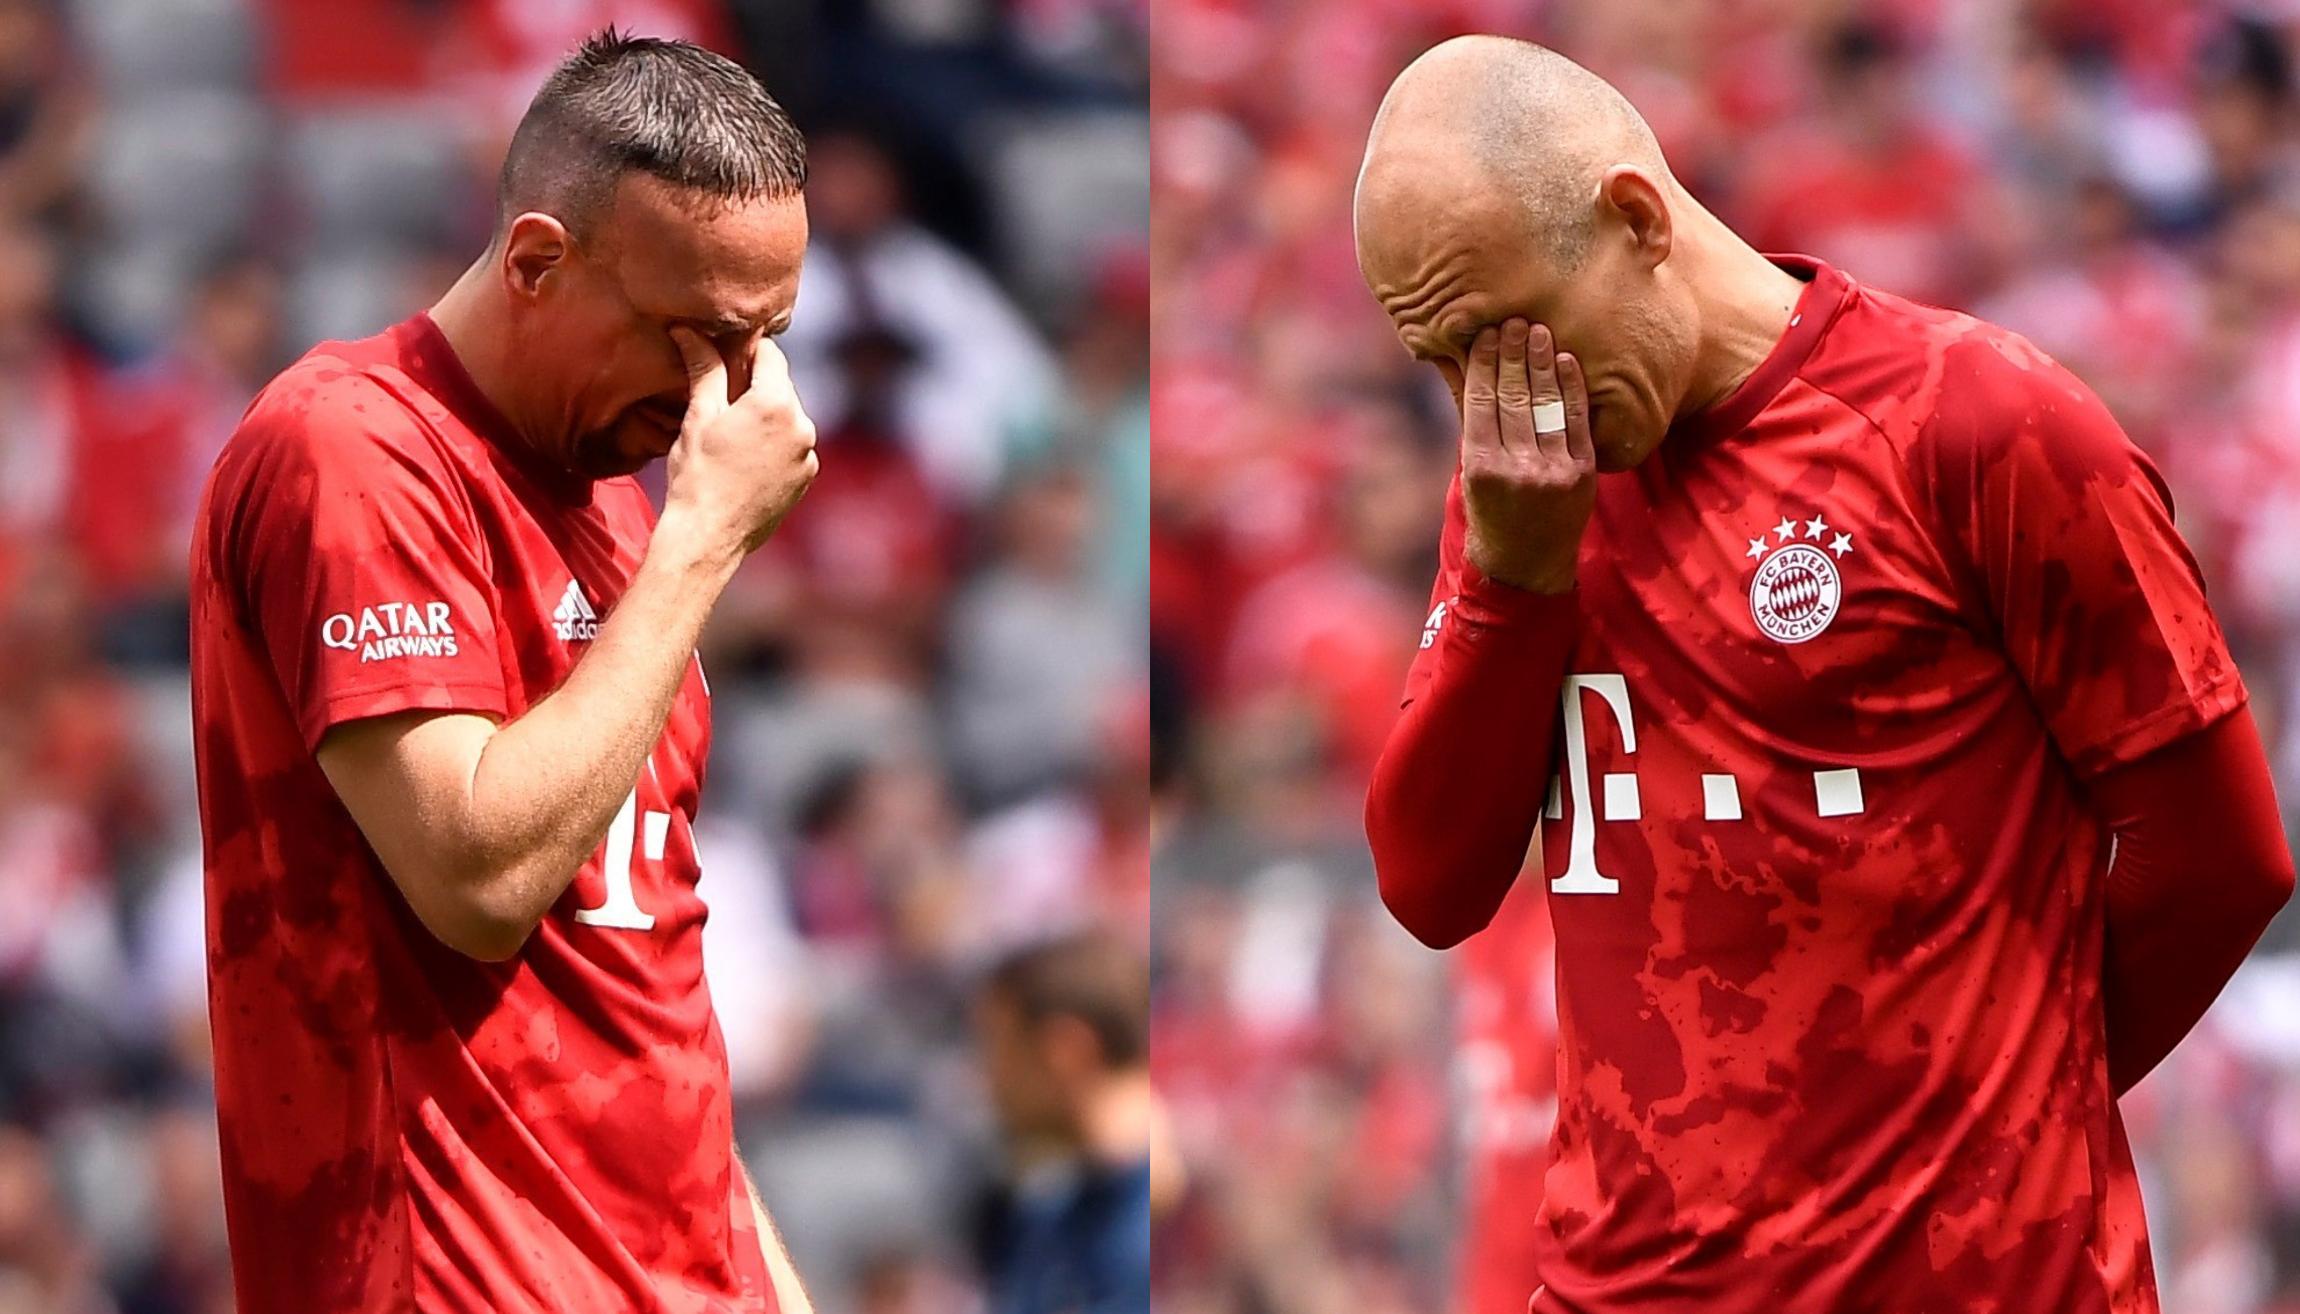 Imposible no emocionarse: la despedida de Franck Ribery y Arjen Robben del Bayern Munich